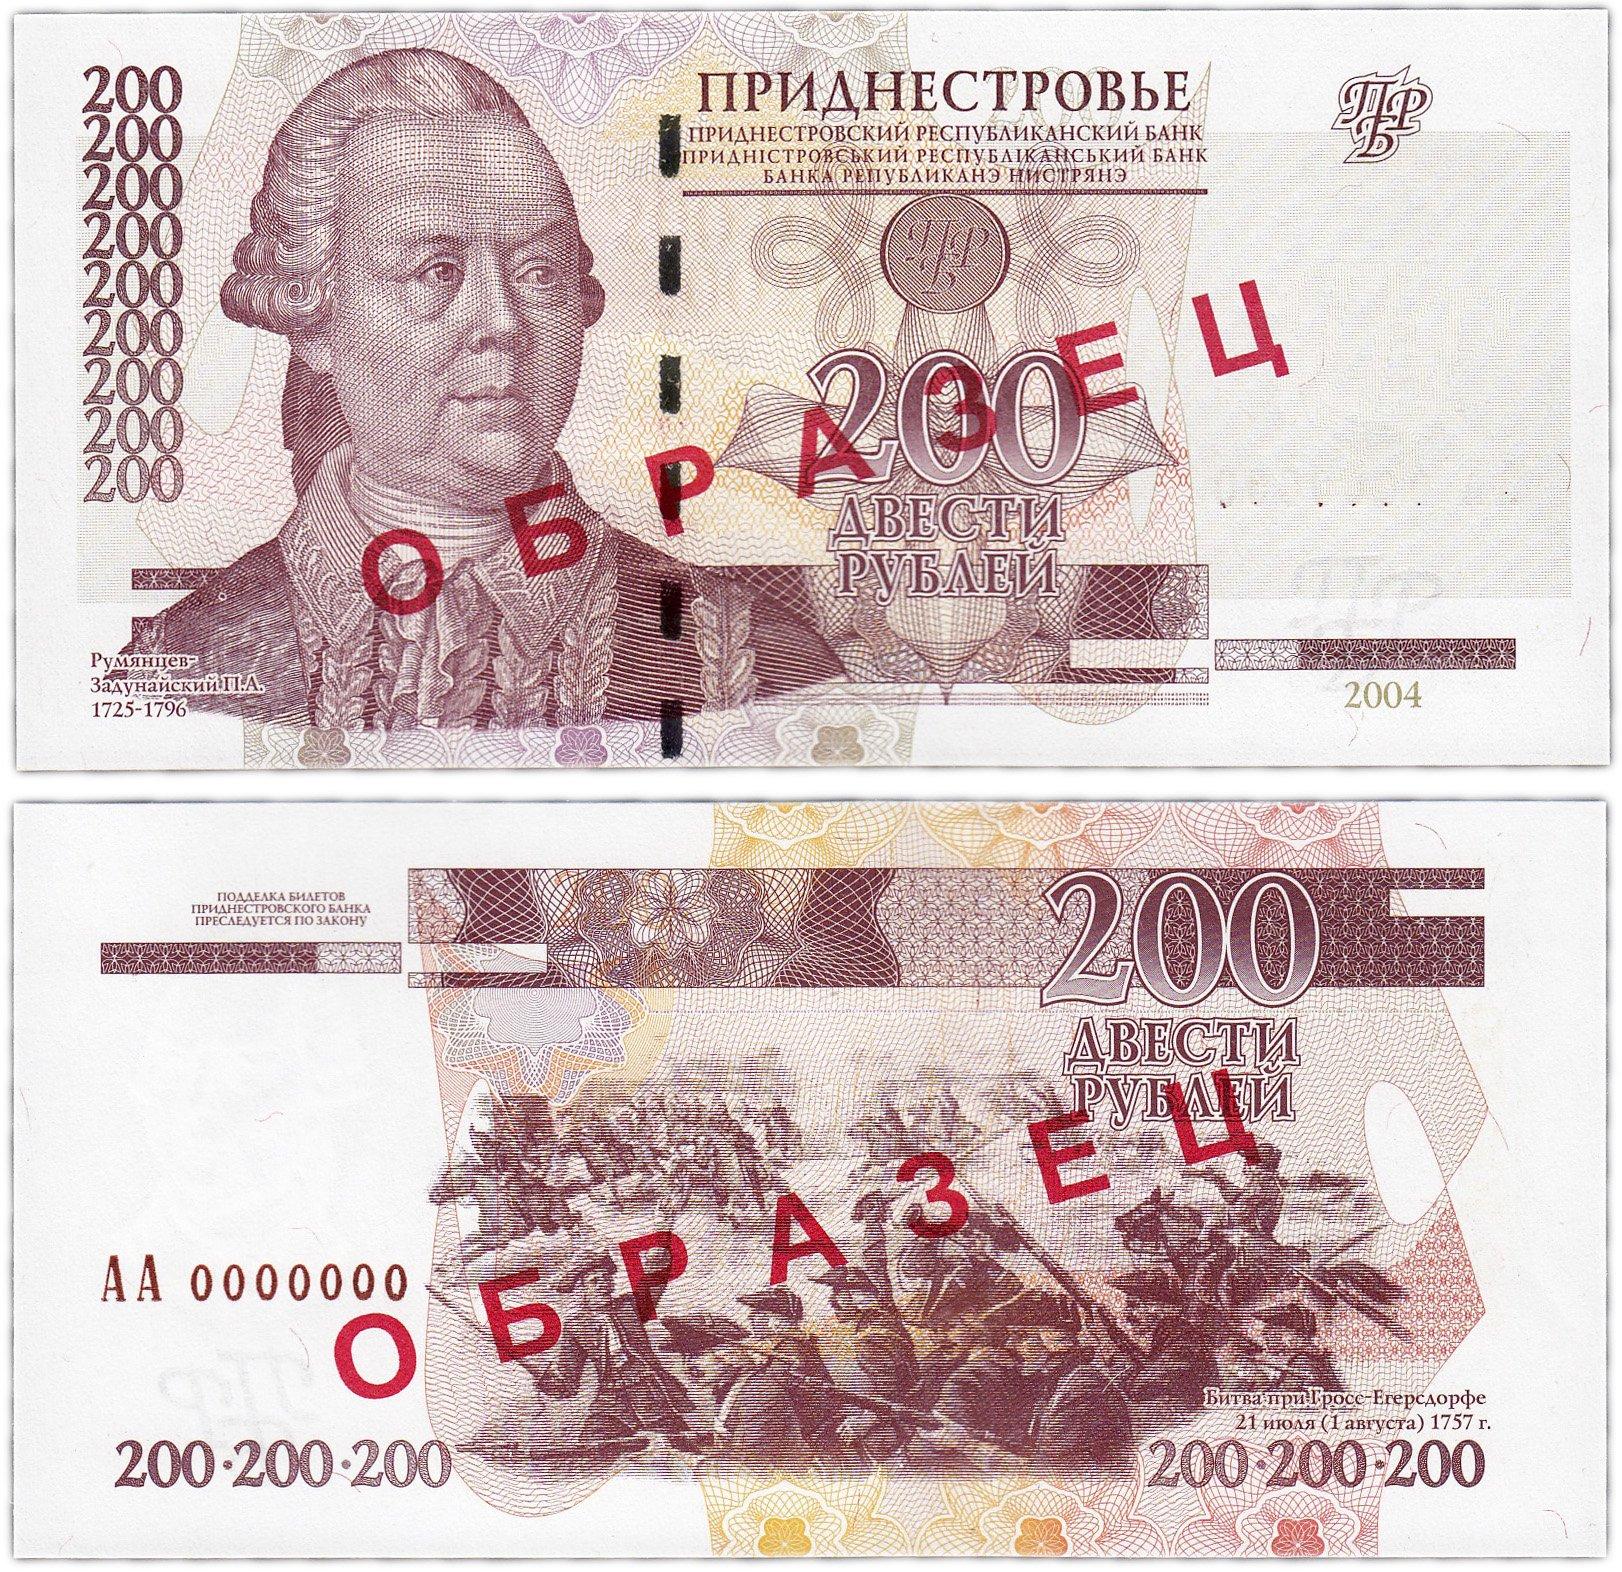 Е 25 за 200 рублей купить коды на ис 6 2016